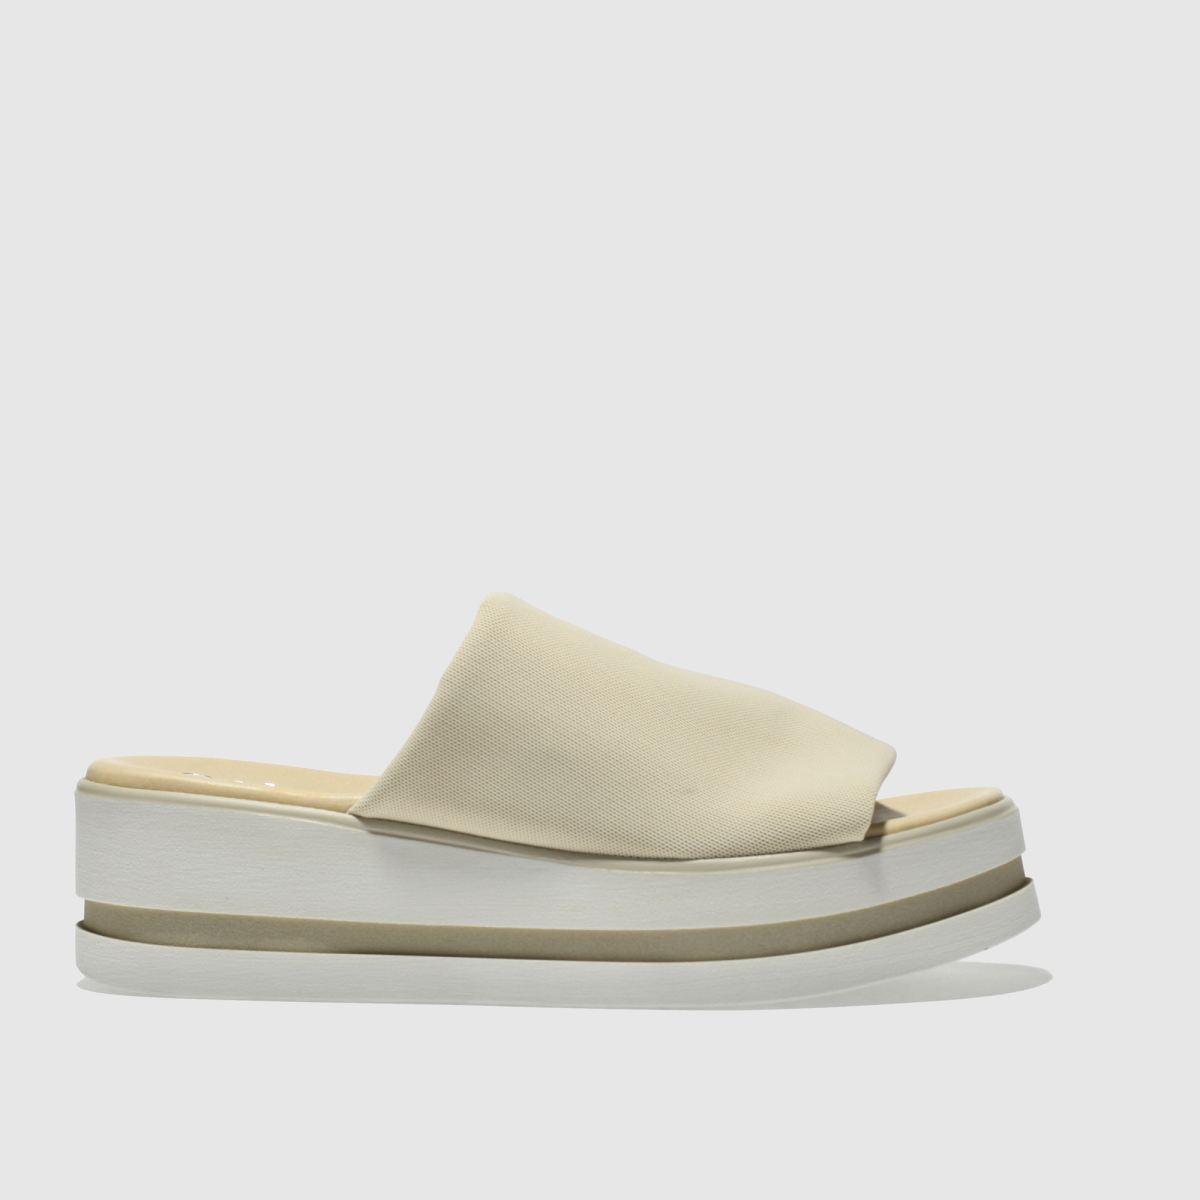 Schuh Beige Bingo Sandals